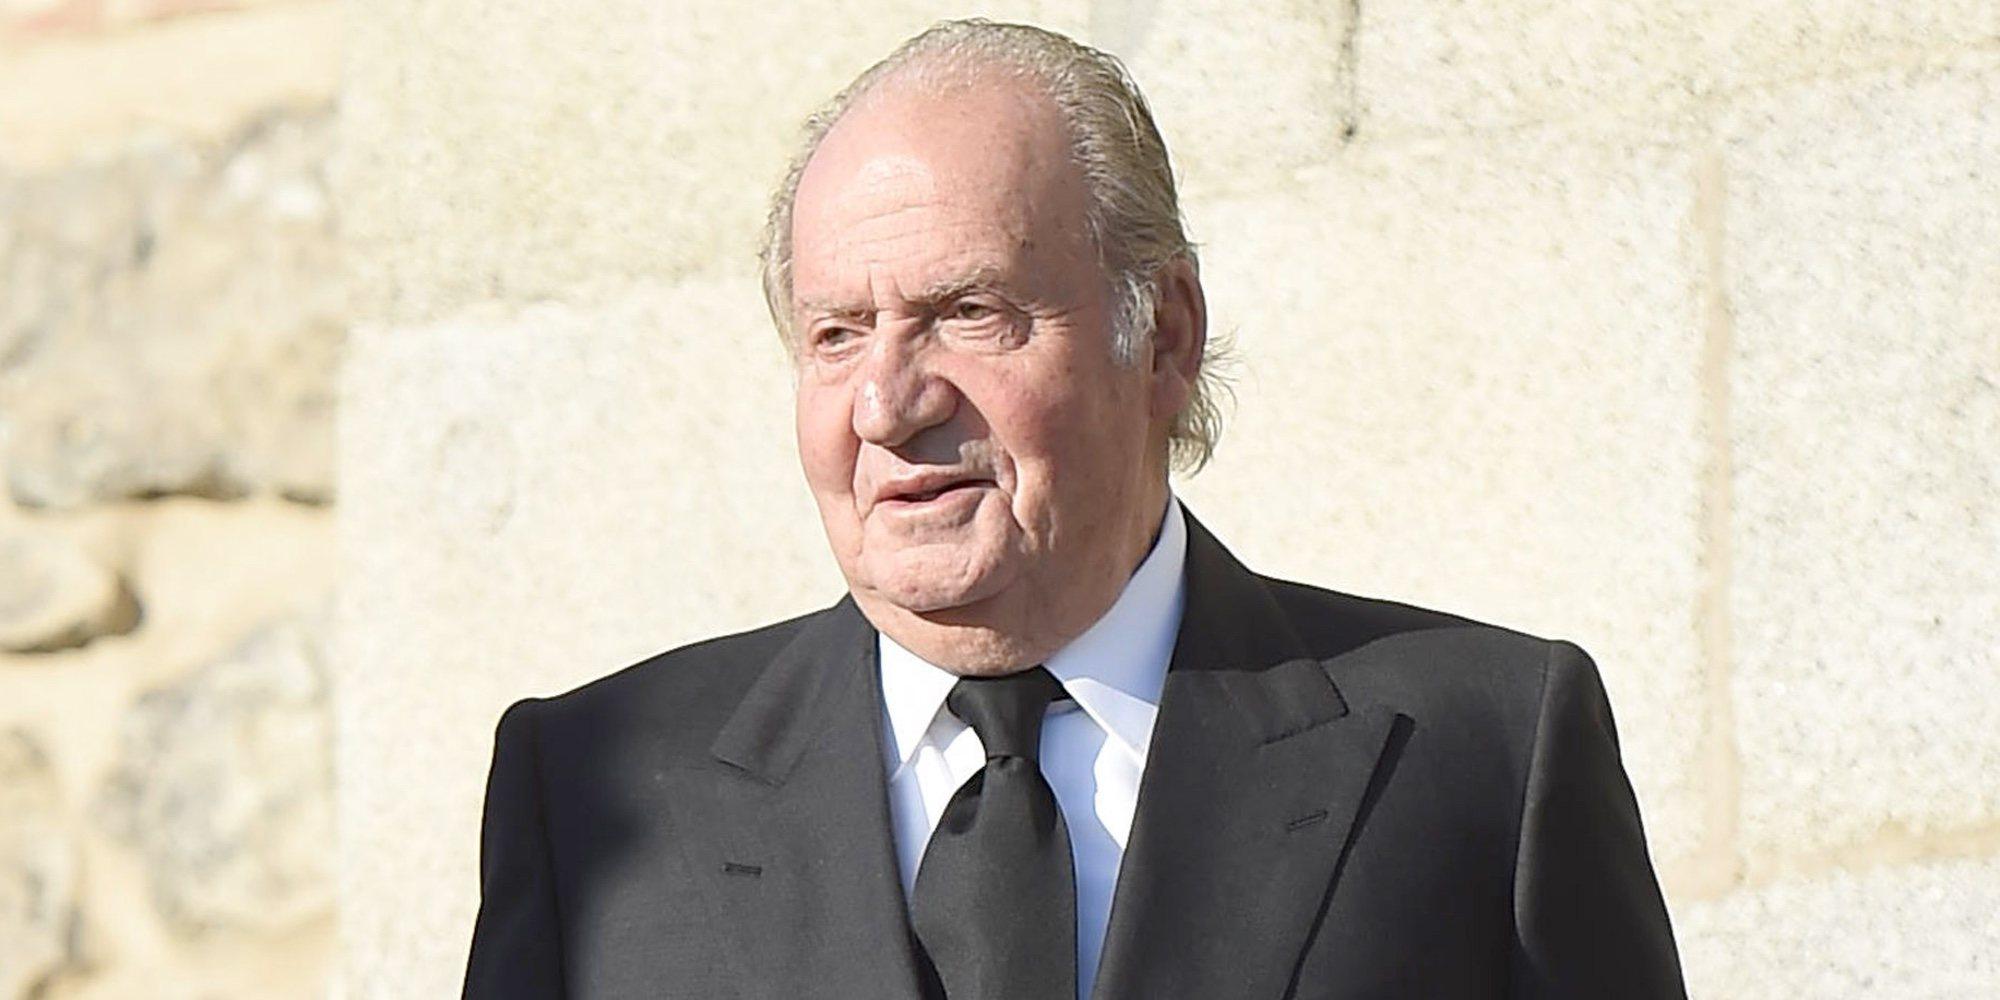 El ataque de ansiedad del Rey Juan Carlos tras las filtraciones de Corinna zu Sayn-Wittgenstein